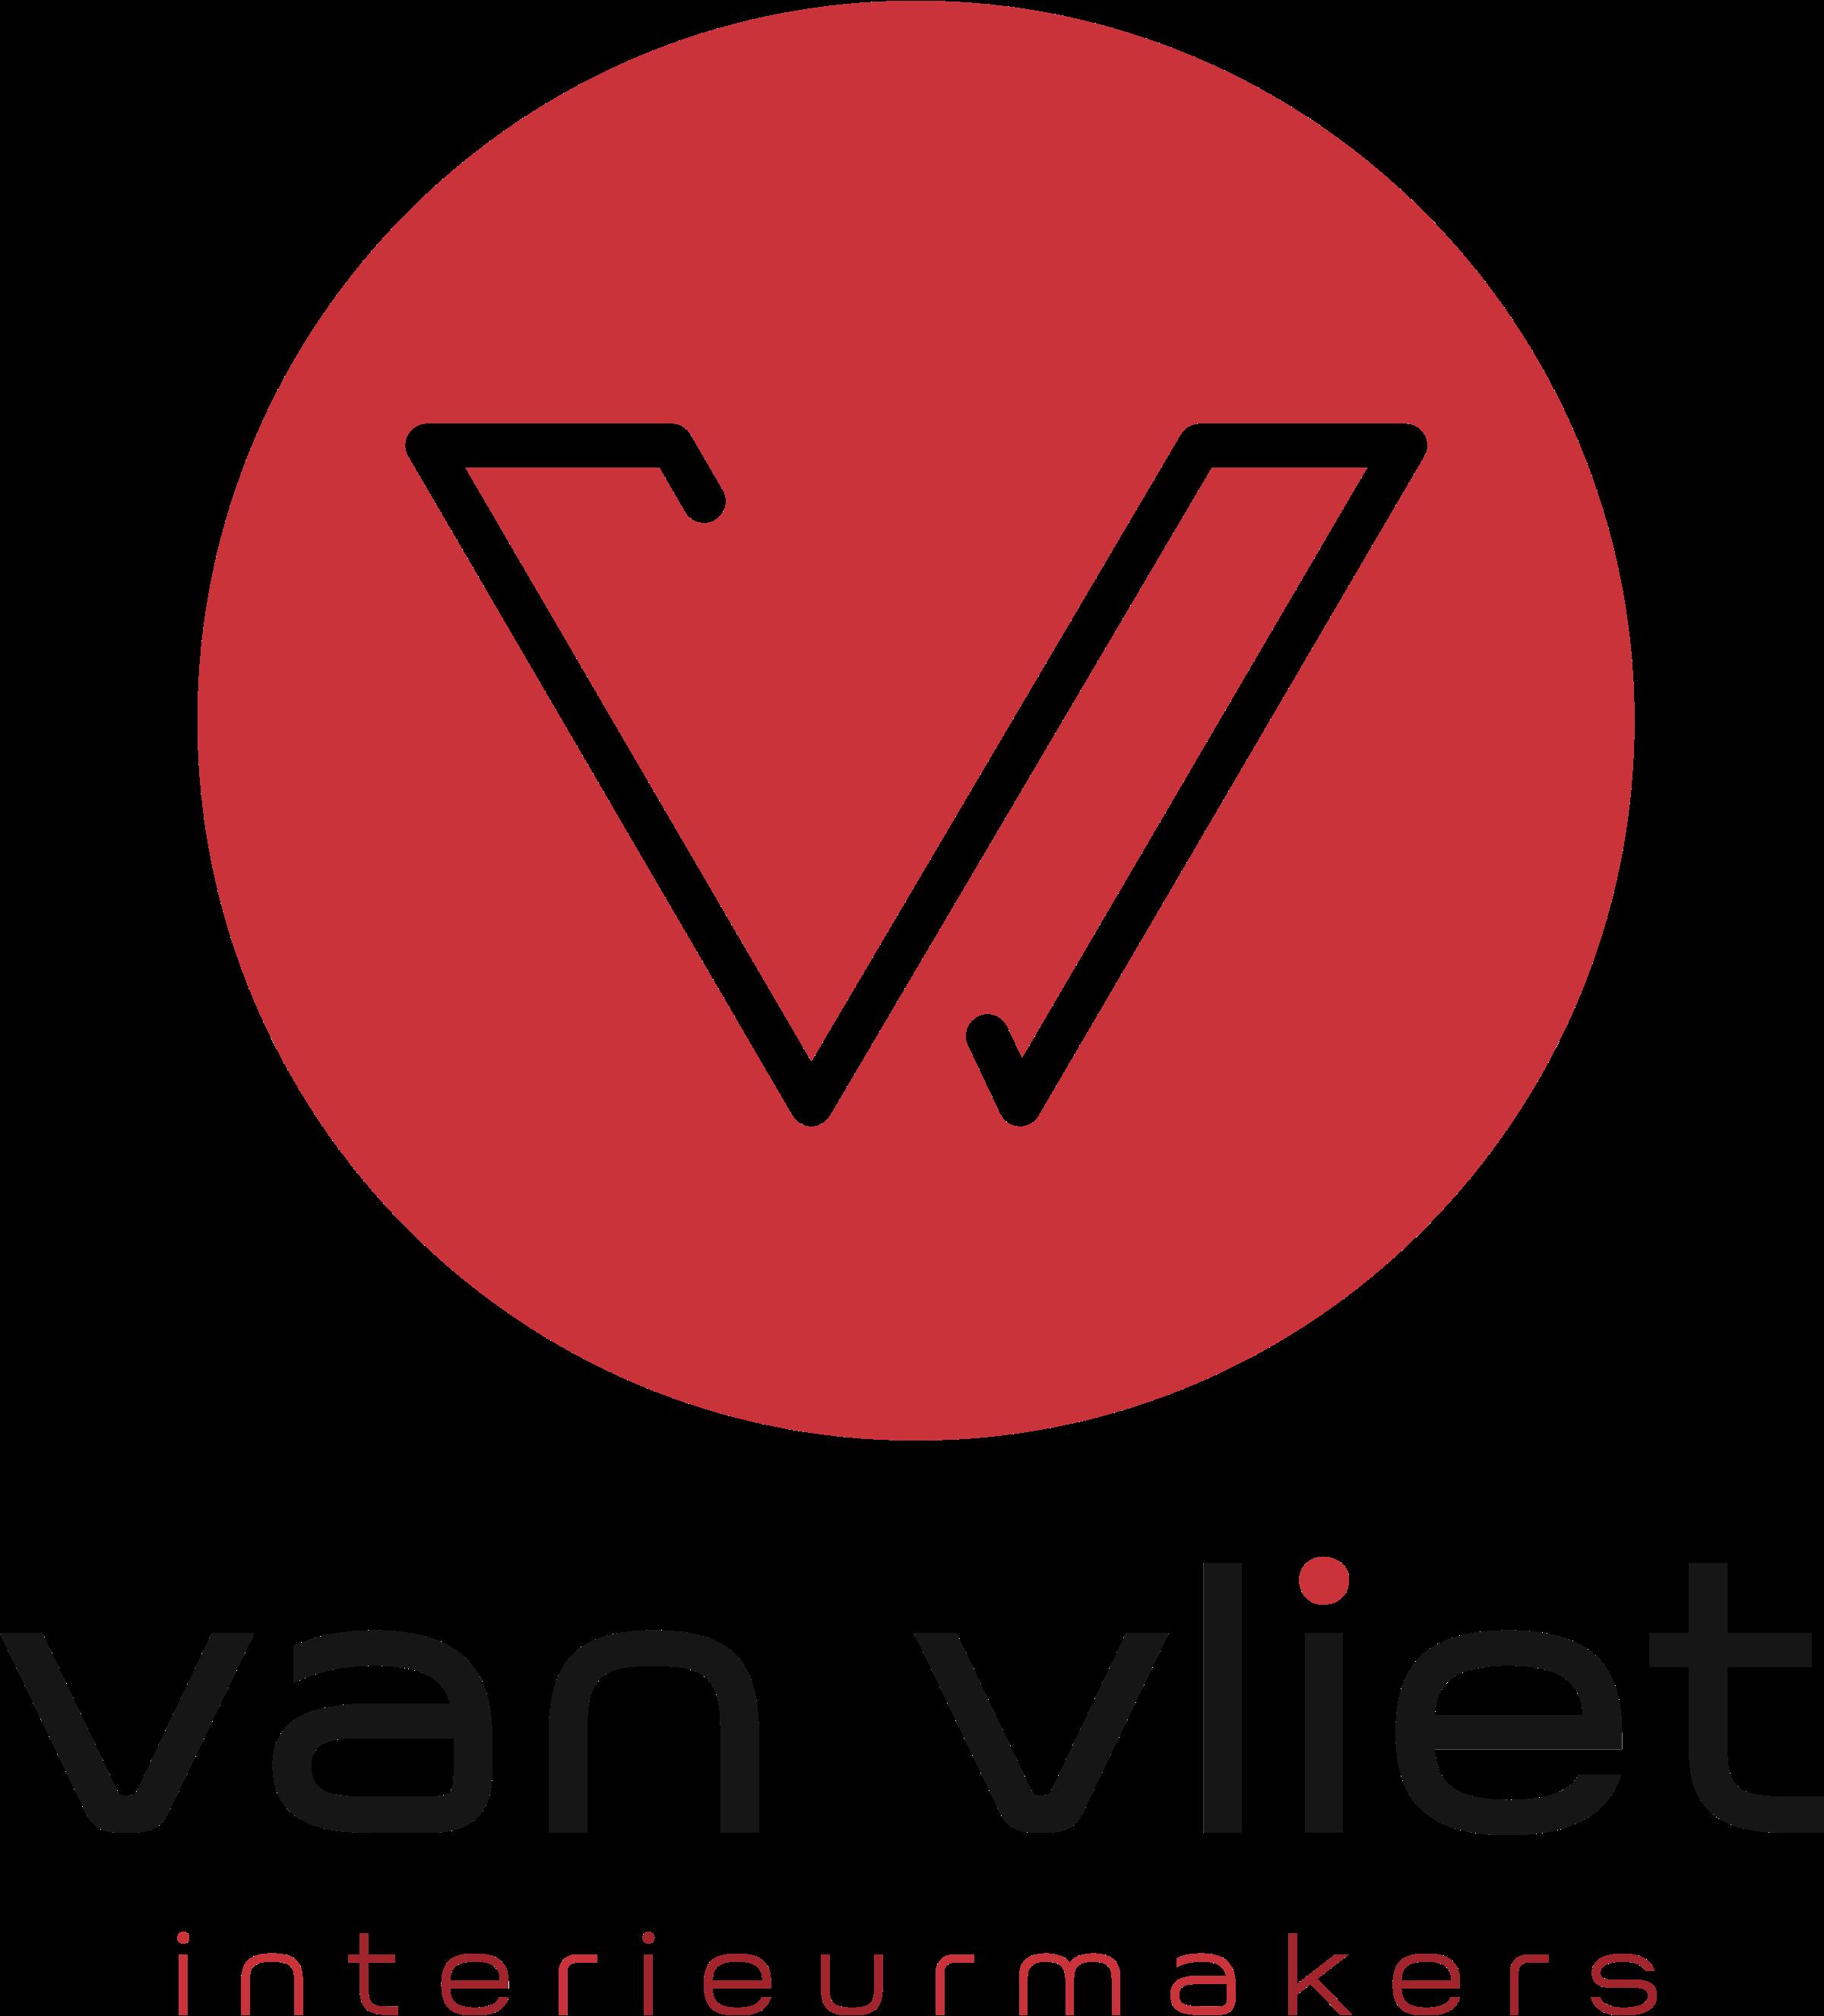 Van Vliet Interieurmakers - Interieur en montage